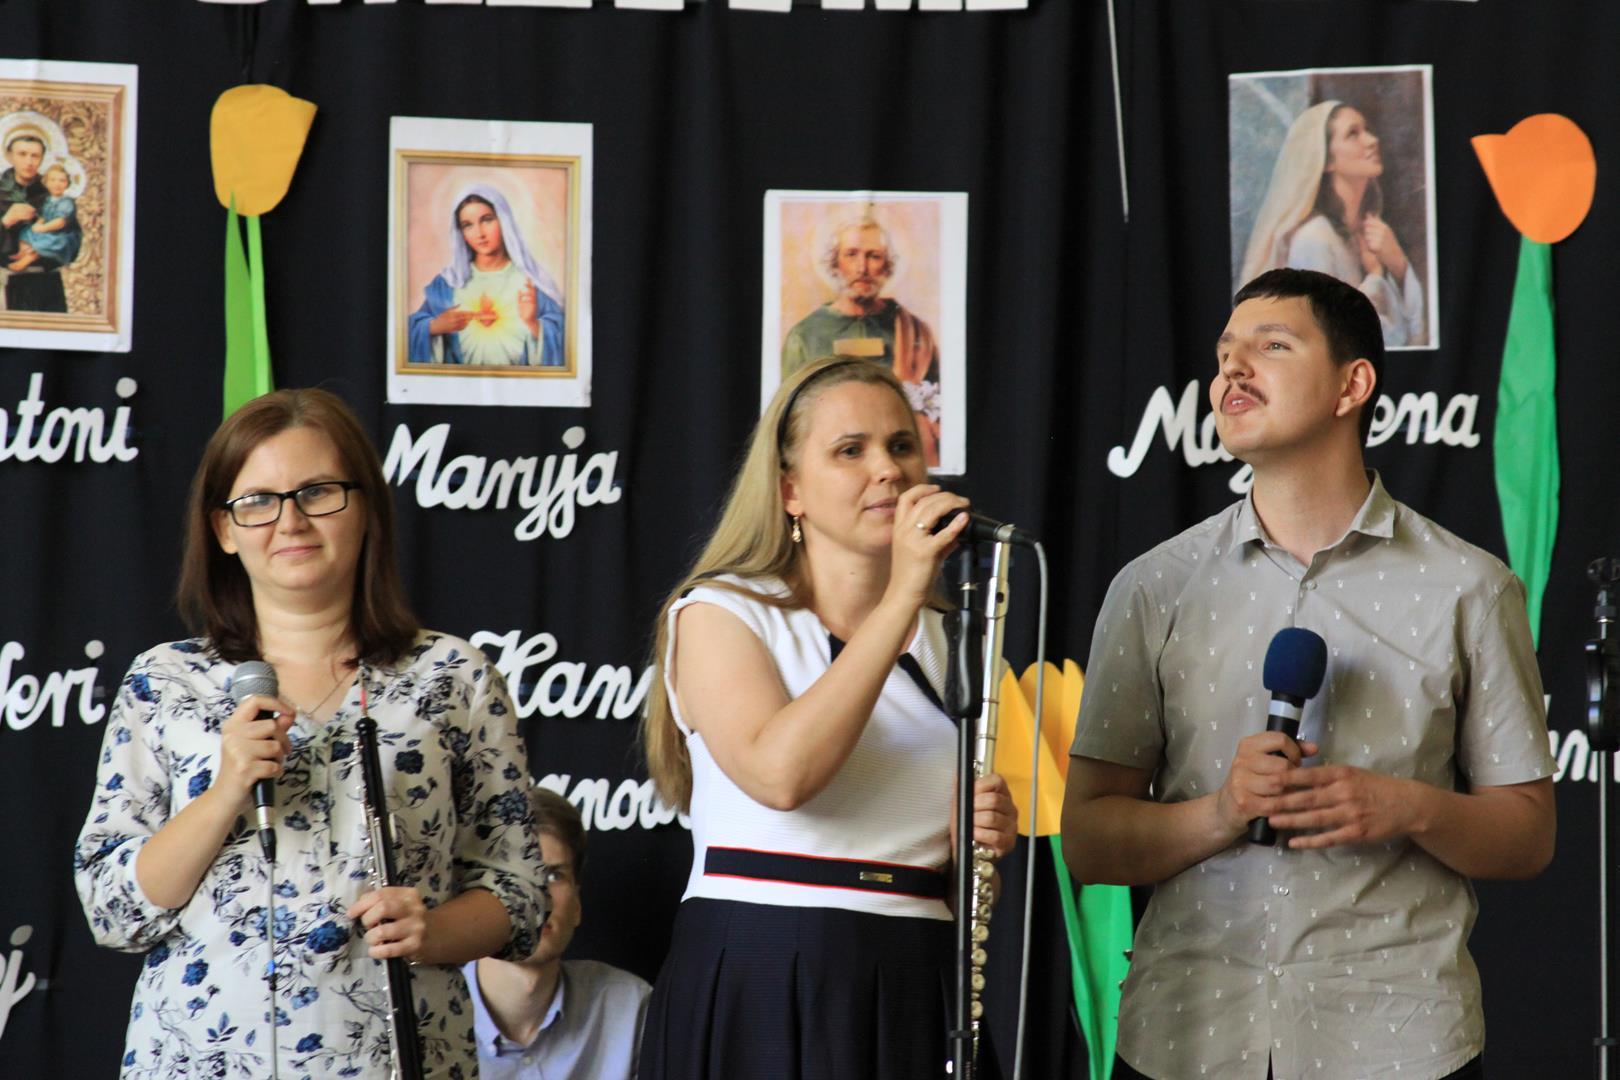 Kobieta sięga po mikrofon, który jest na statywie, w lewej dłoni trzyma flet poprzeczny. Po jej lewej stronie stoi mężczyzna, a po prawej kobieta. W dłoniach trzymają mikrofony. Za nimi siedzi mężczyzna, który gra na cajonie.